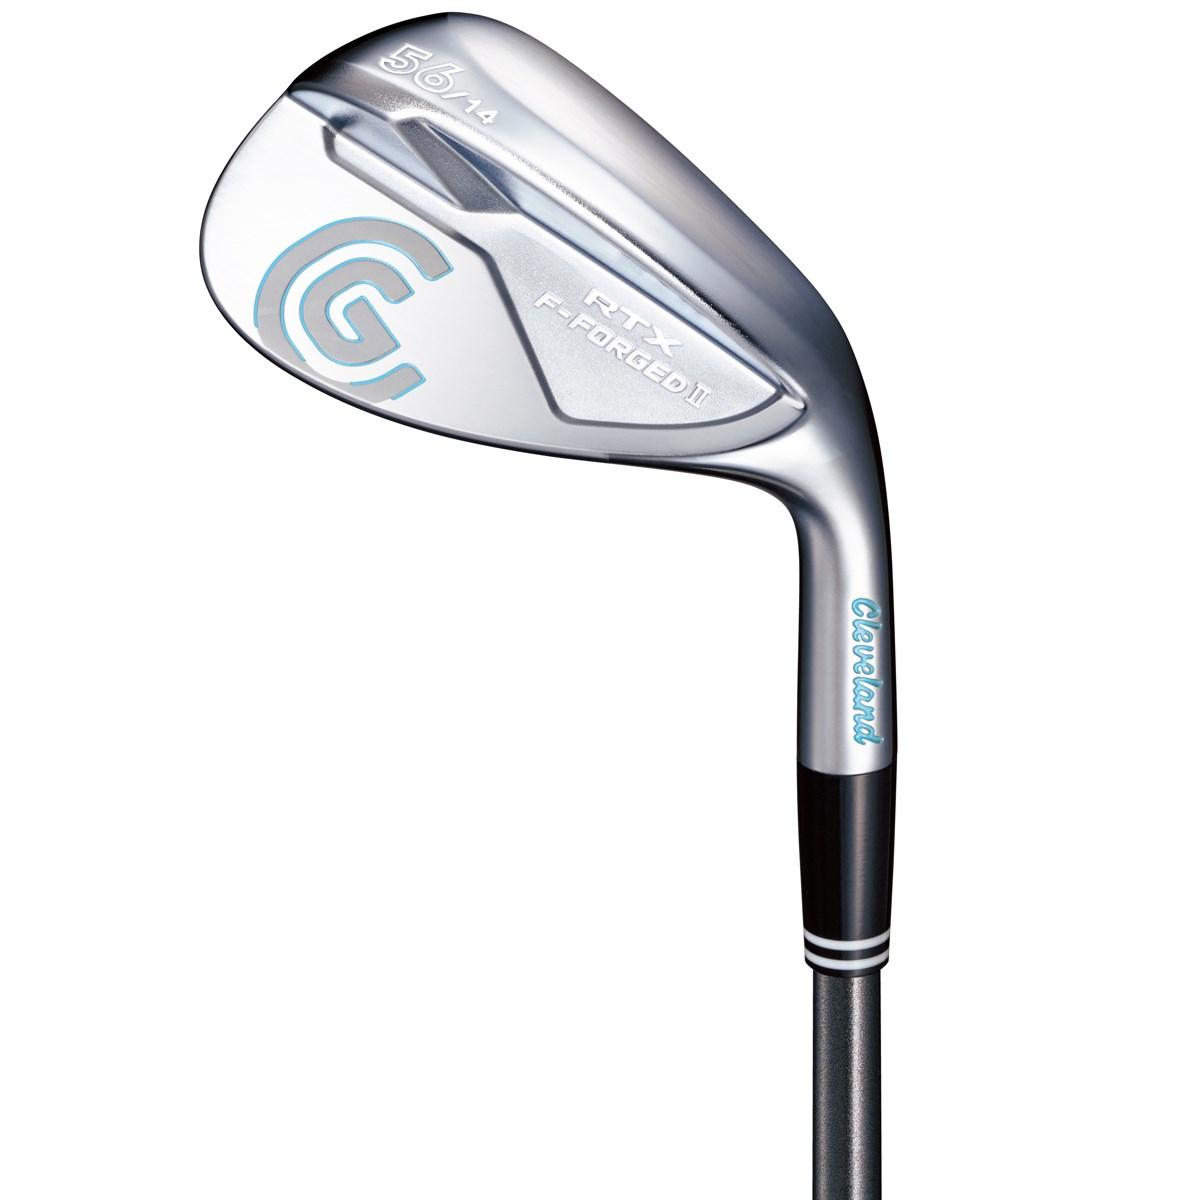 クリーブランド(Cleveland Golf) RTX F-FORGED II ウェッジ Miyazaki WG-60II カーボンレディス